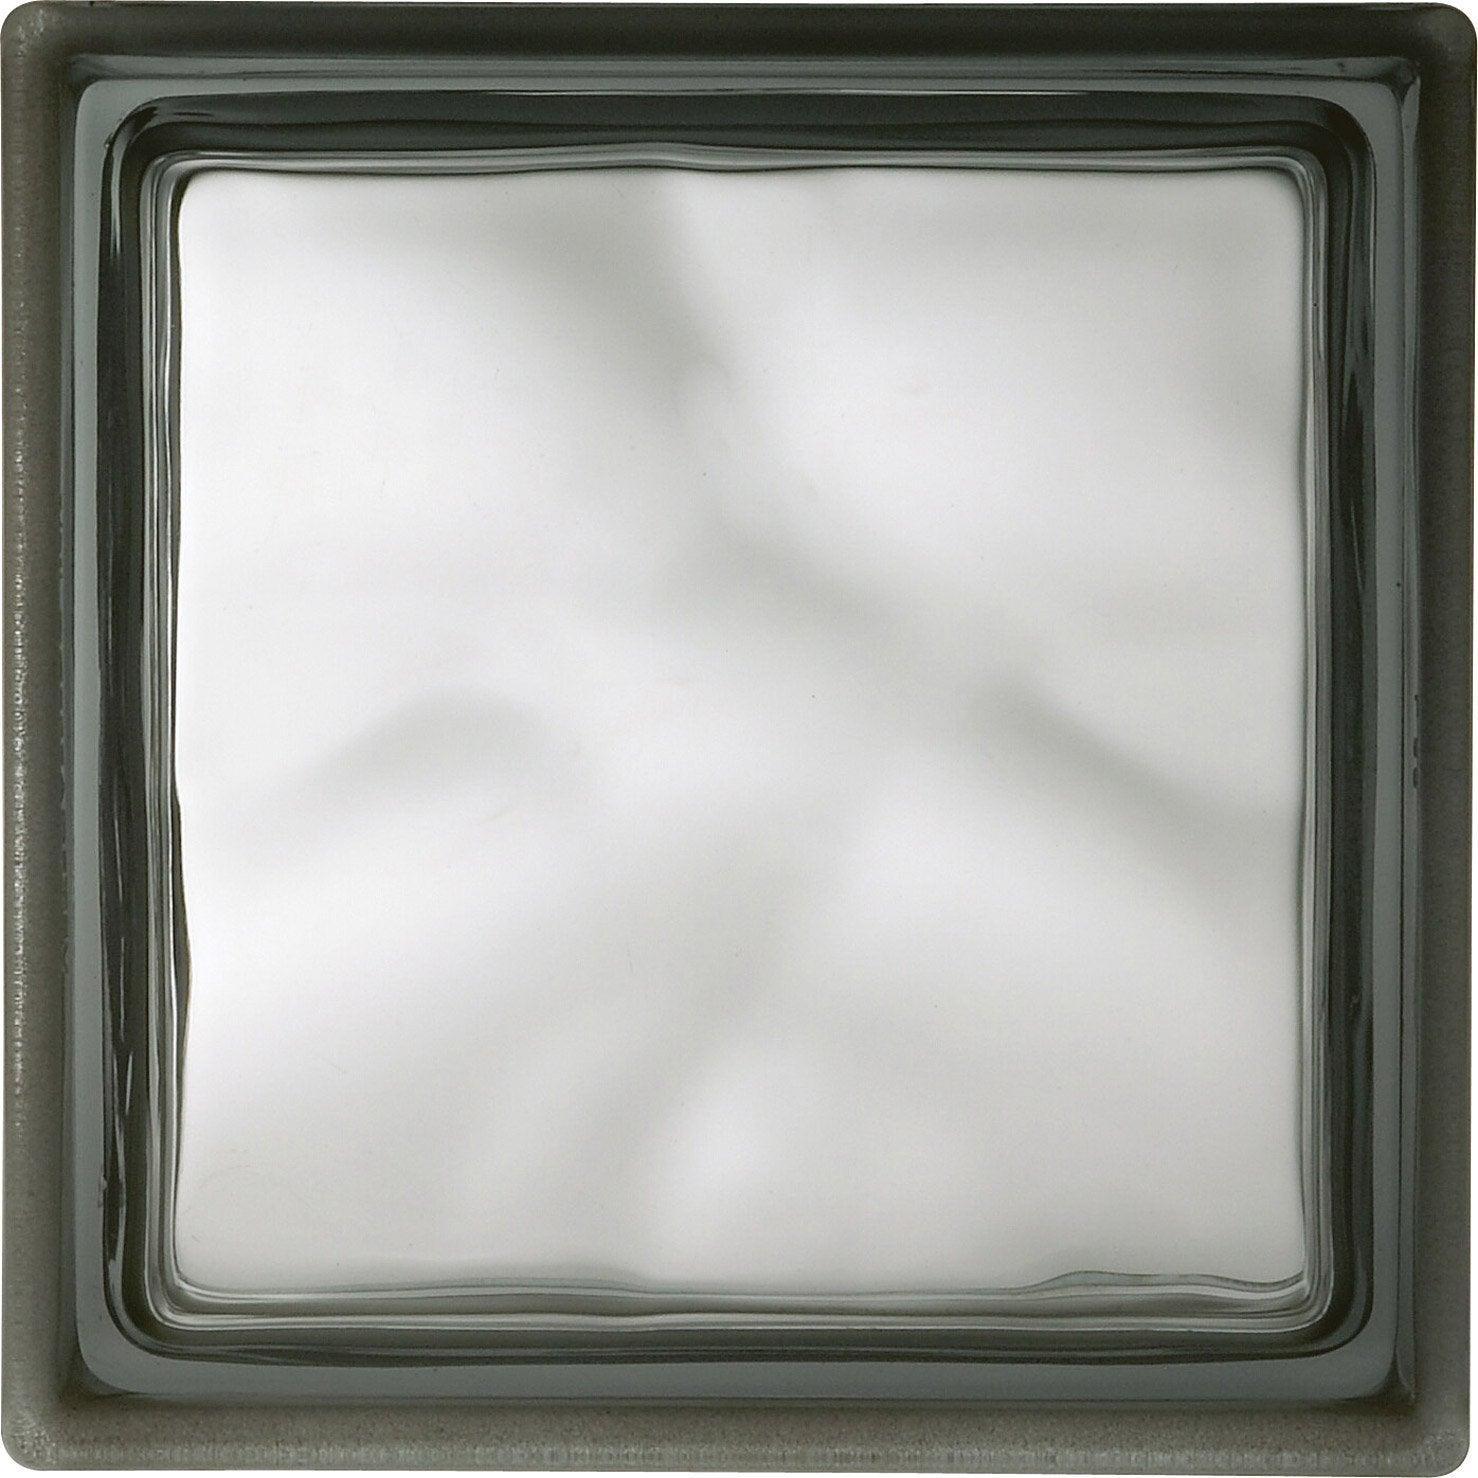 Brique de verre gris ondul brillant leroy merlin - Coupe de verre leroy merlin ...